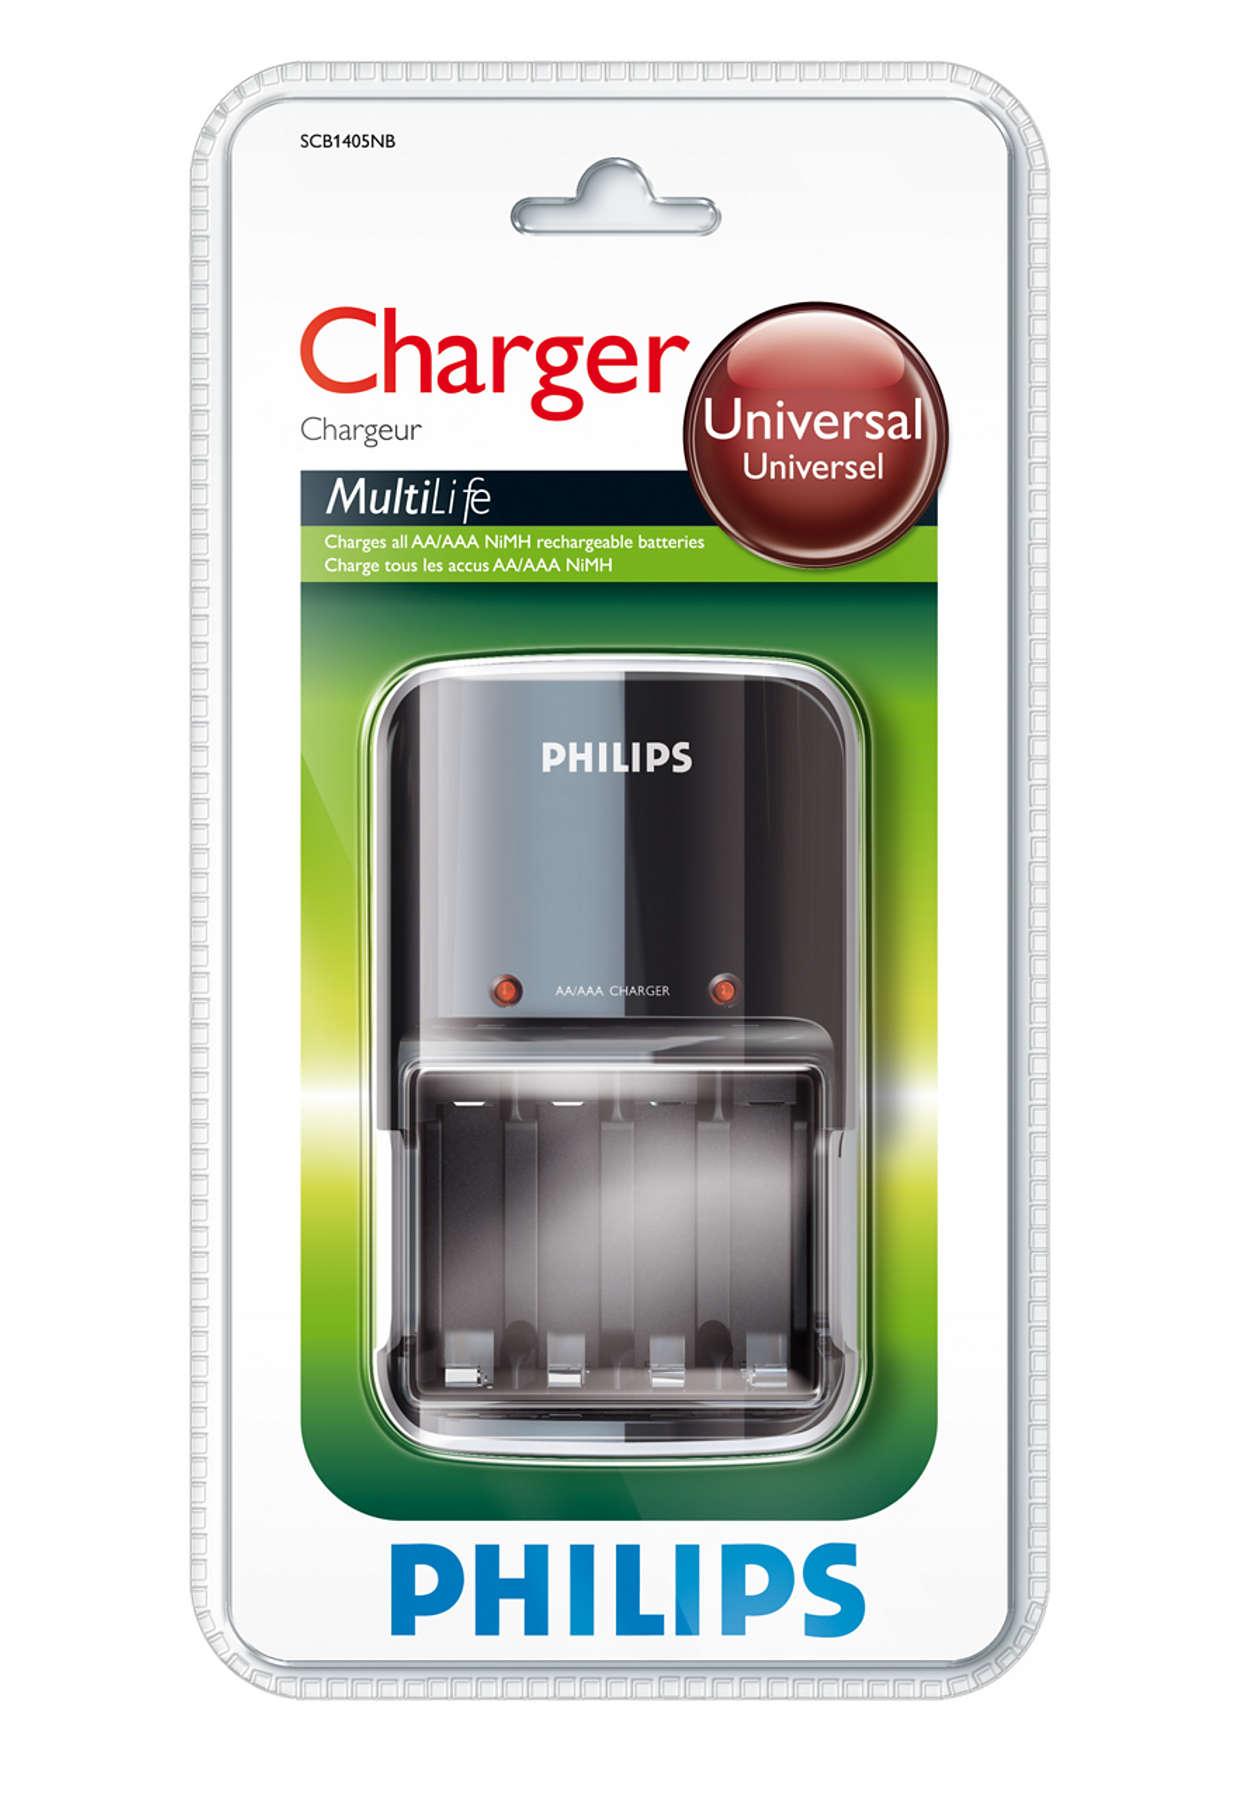 Plně nabije vaše baterie přes noc